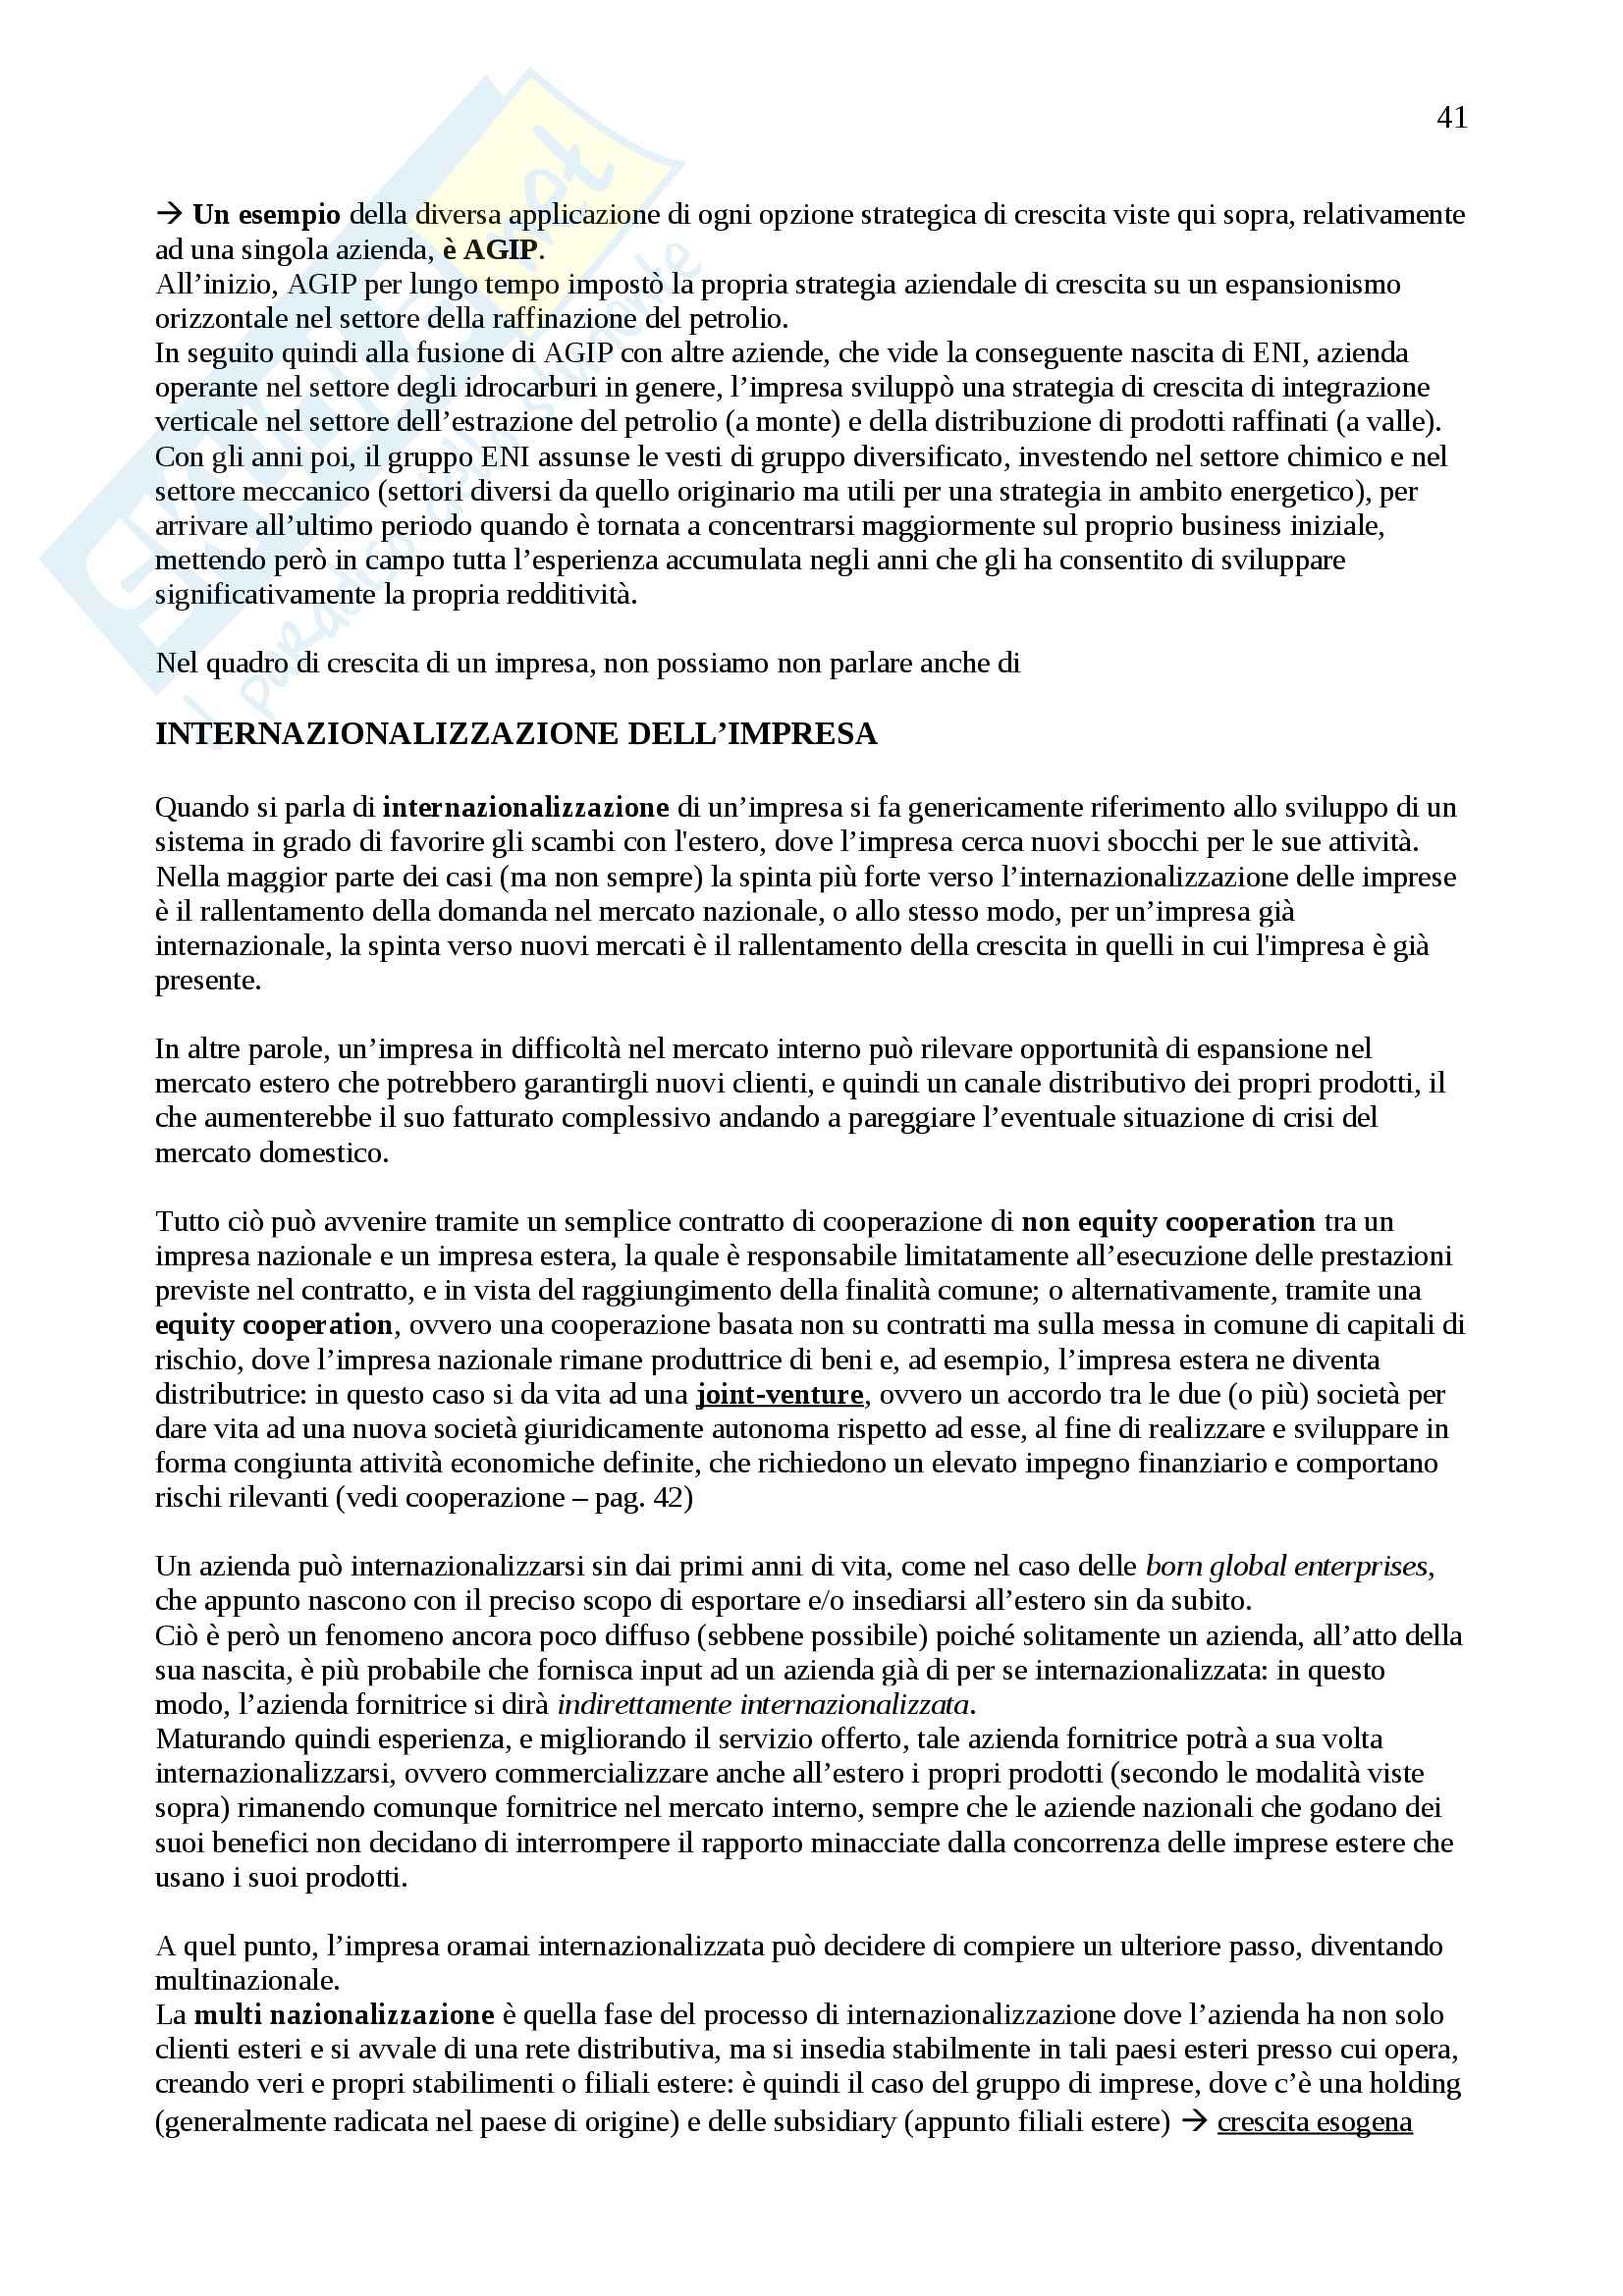 Appunti Economia e gestione delle imprese, Prof. Vagnani Pag. 41